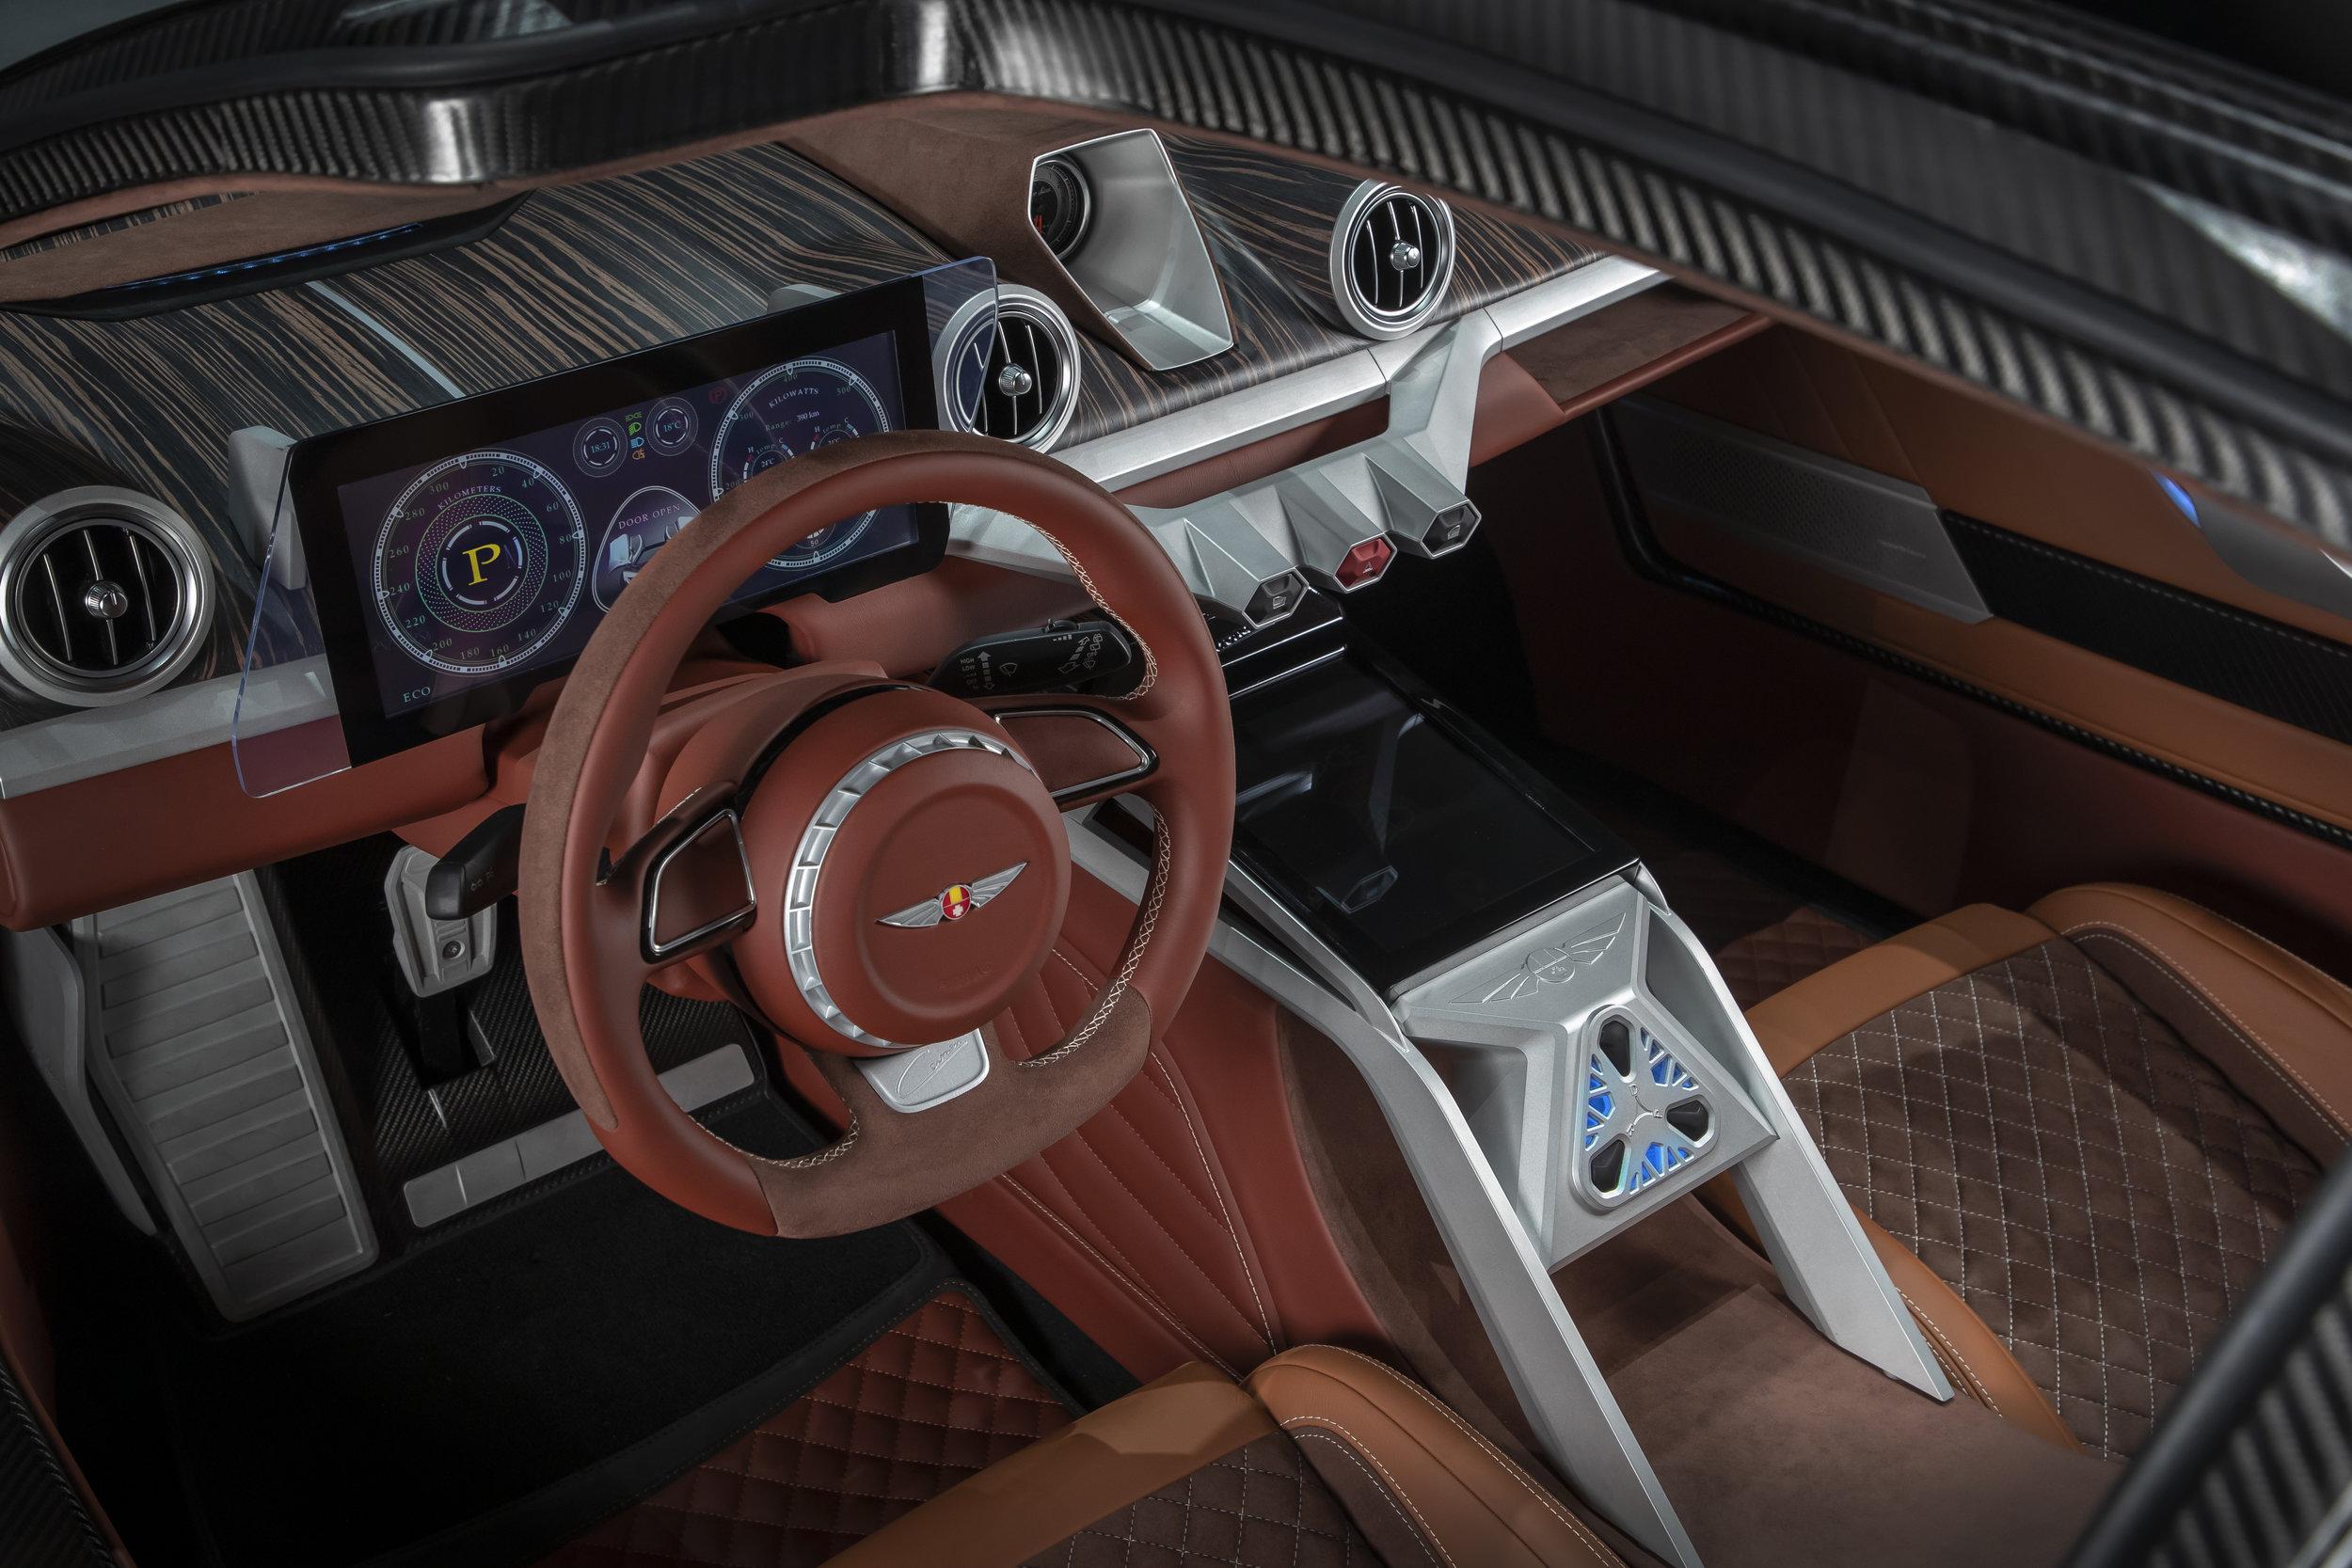 El interior combina formas futuristas y clásicas en materiales de lujo